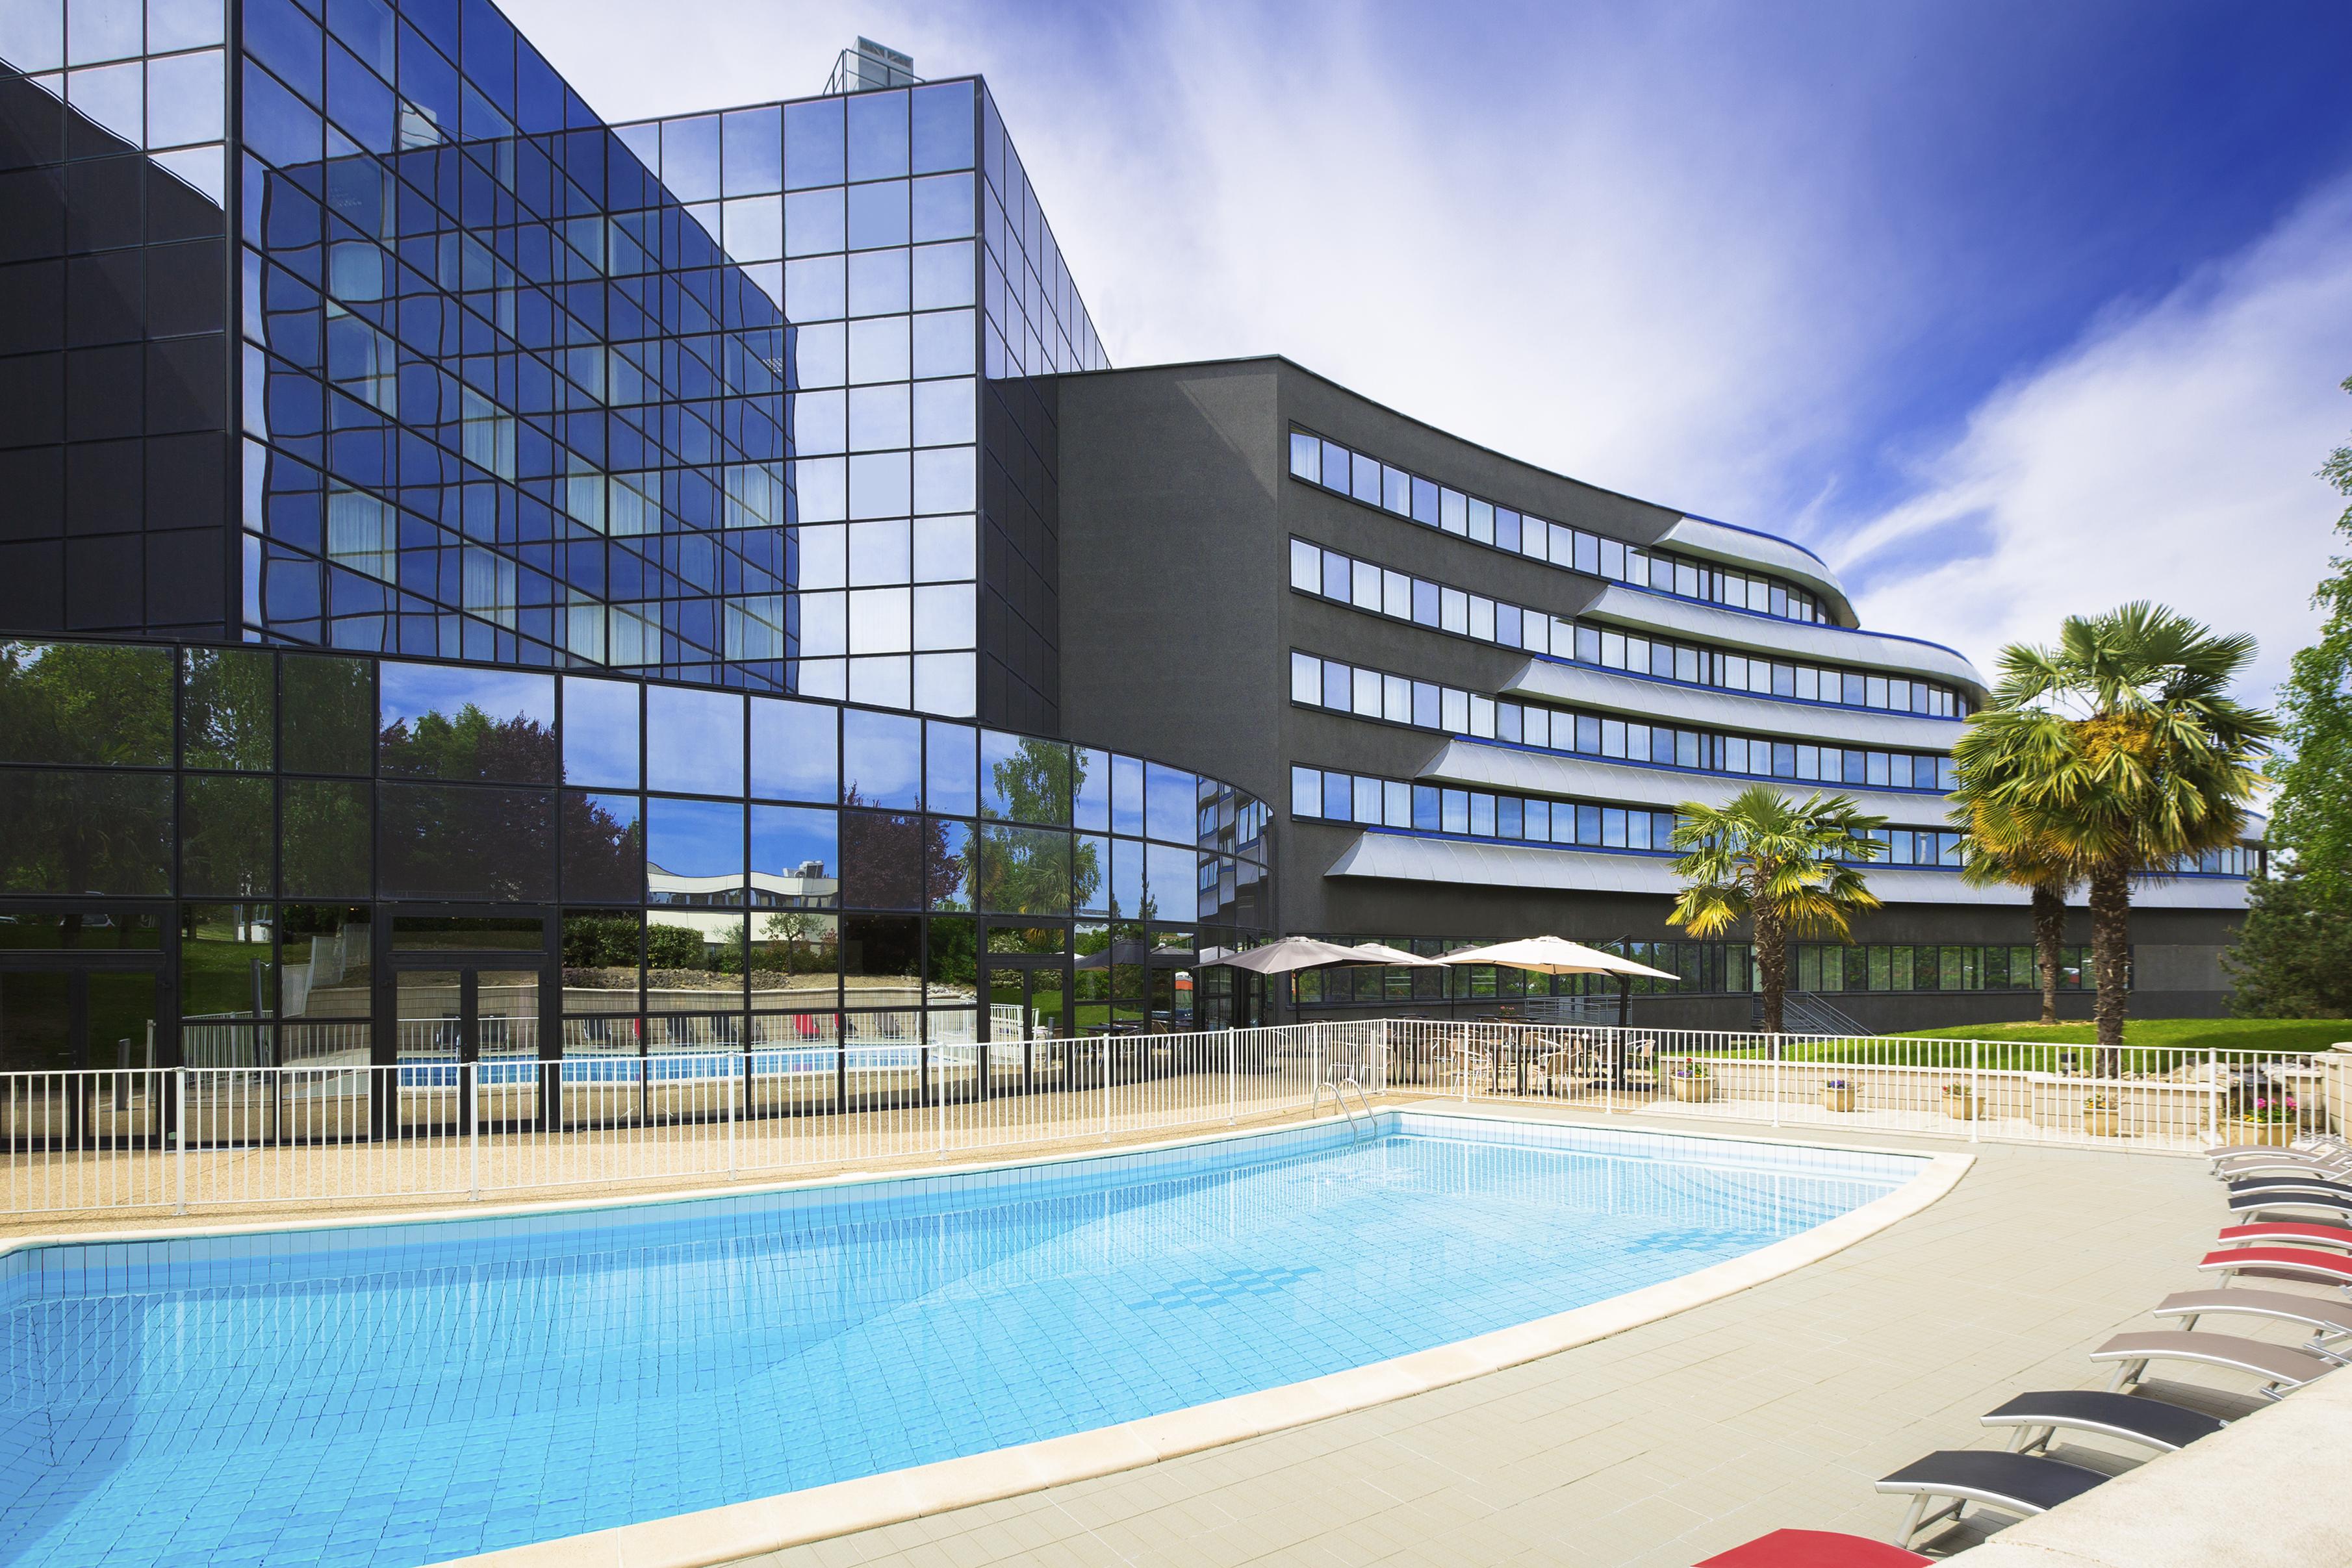 Hotels de chasseneuil du poitou office de tourisme de chasseneuil - Office du tourisme de poitiers ...